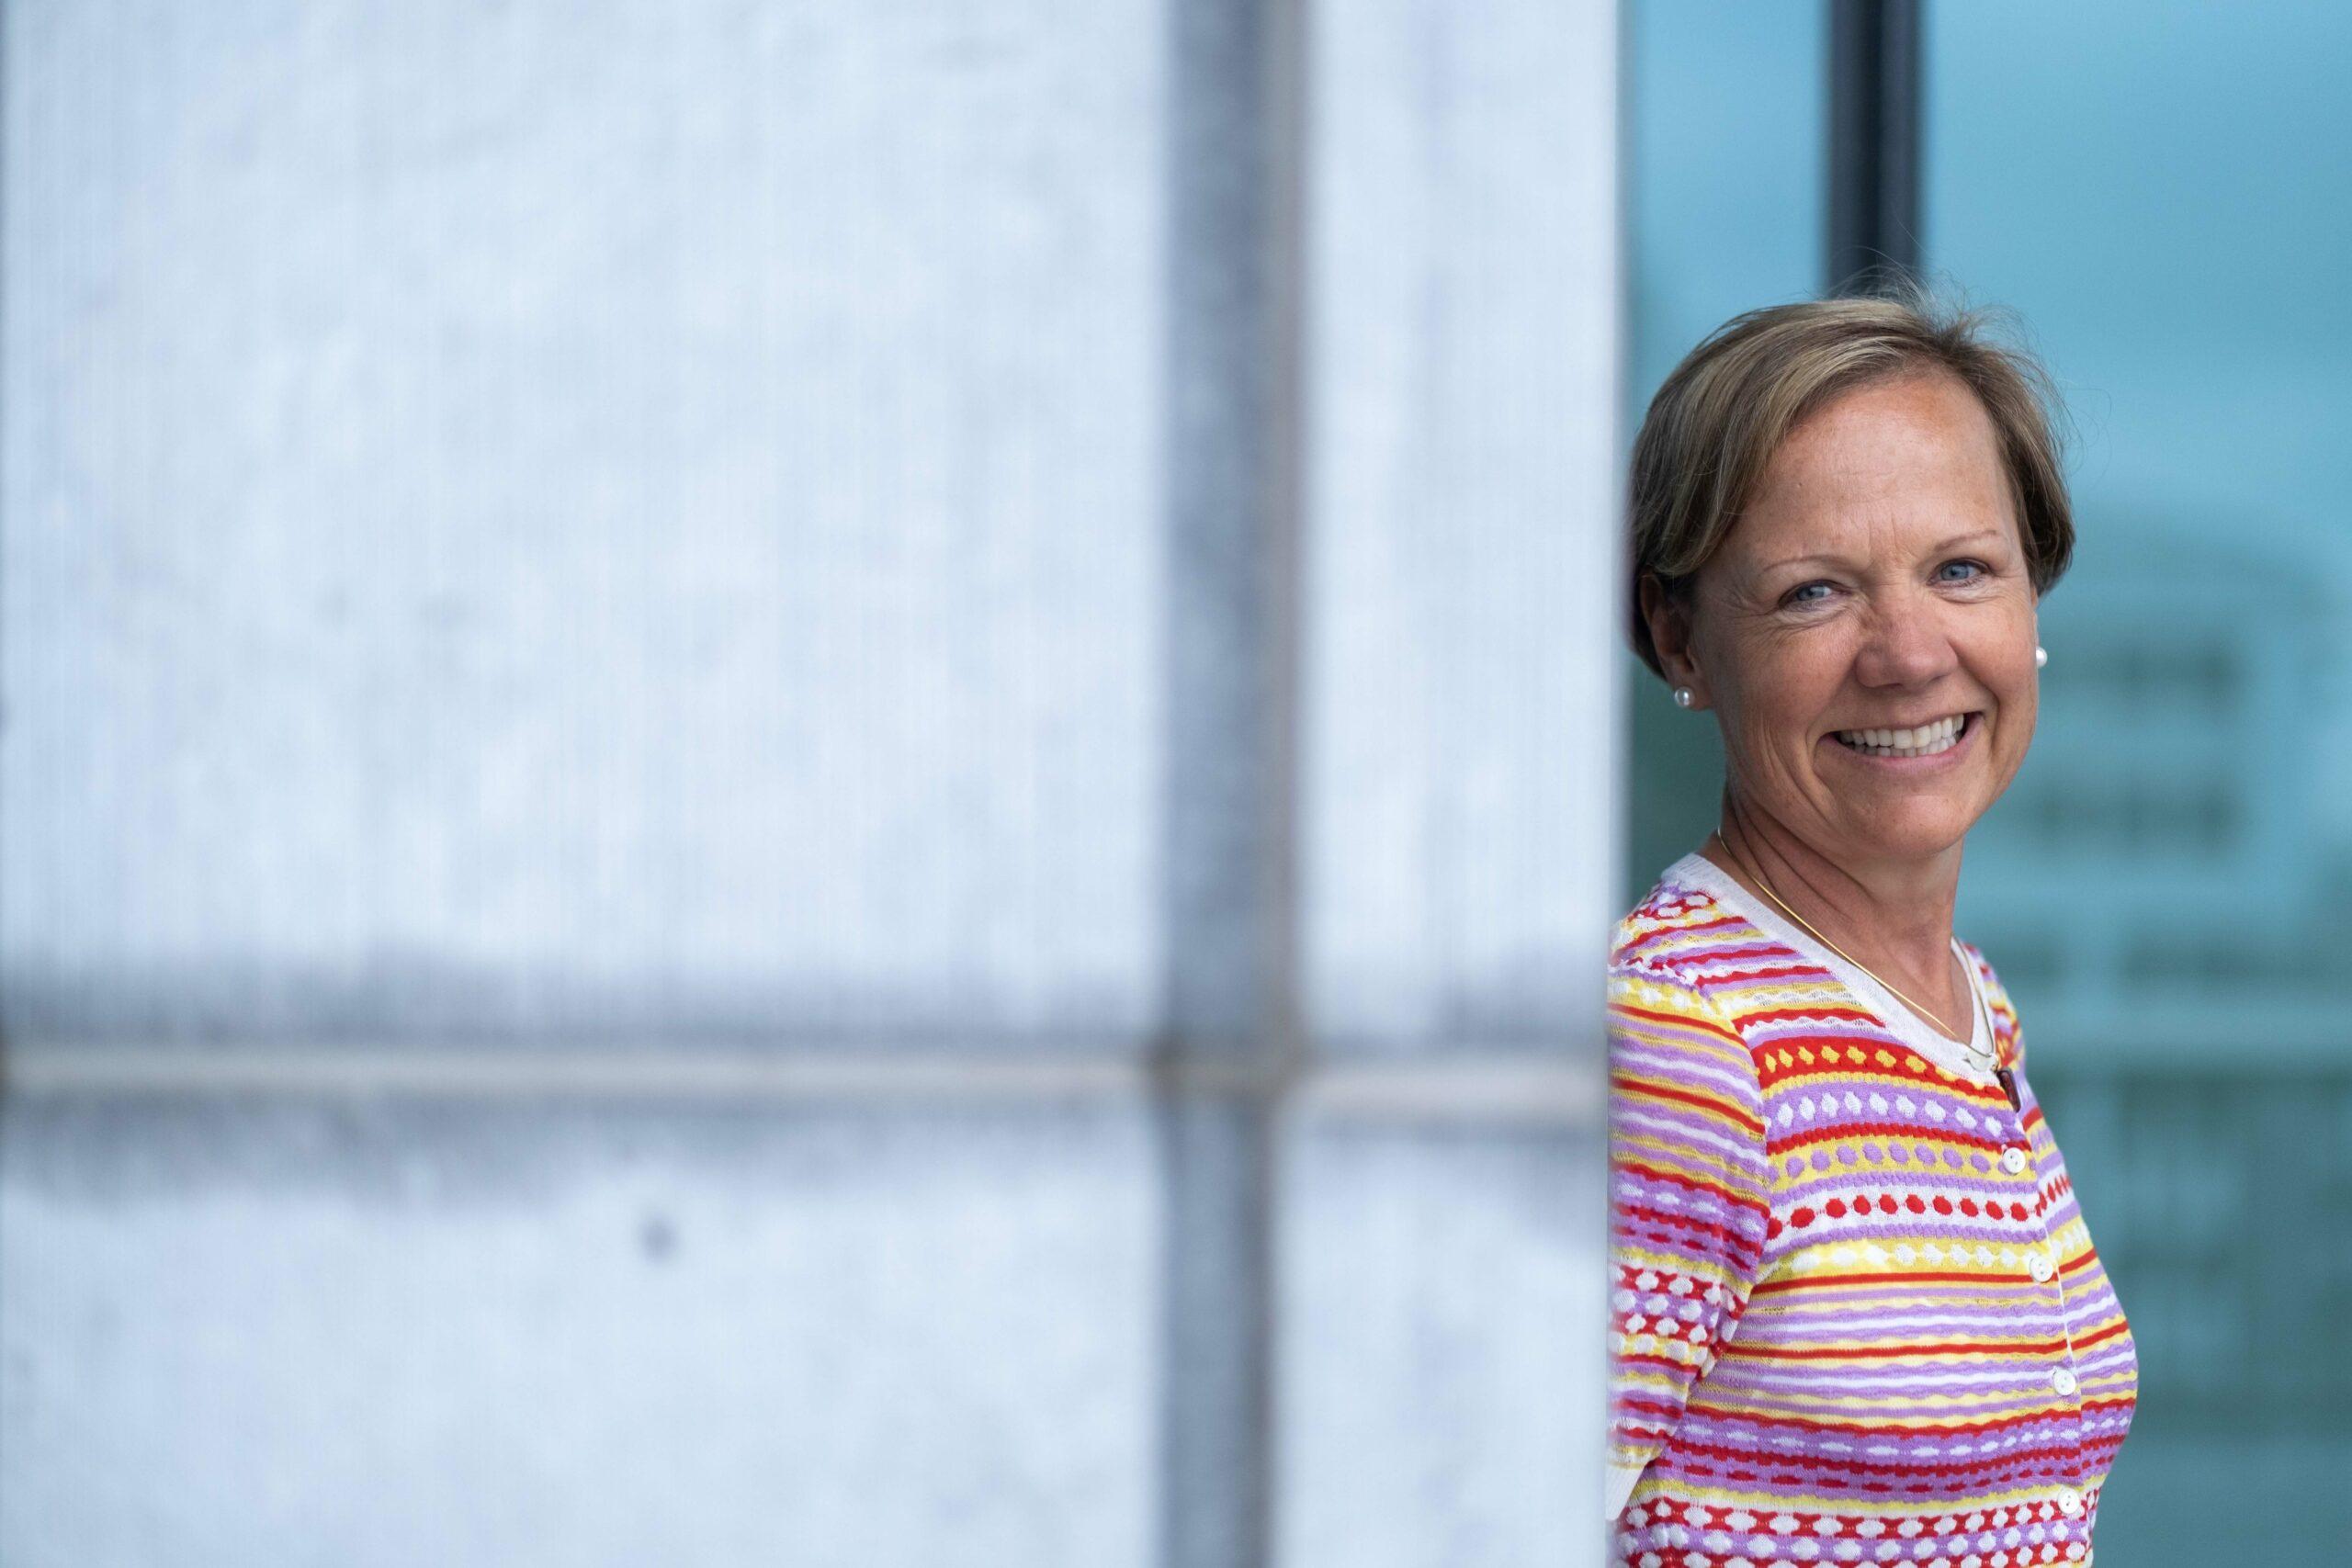 """Featured image for """"Notaris Katrin Roggeman aan de slag als voorzitter bij de Federatie van het Notariaat: """"Verder digitaliseren mét aandacht voor de menselijke rol van de notaris."""""""""""